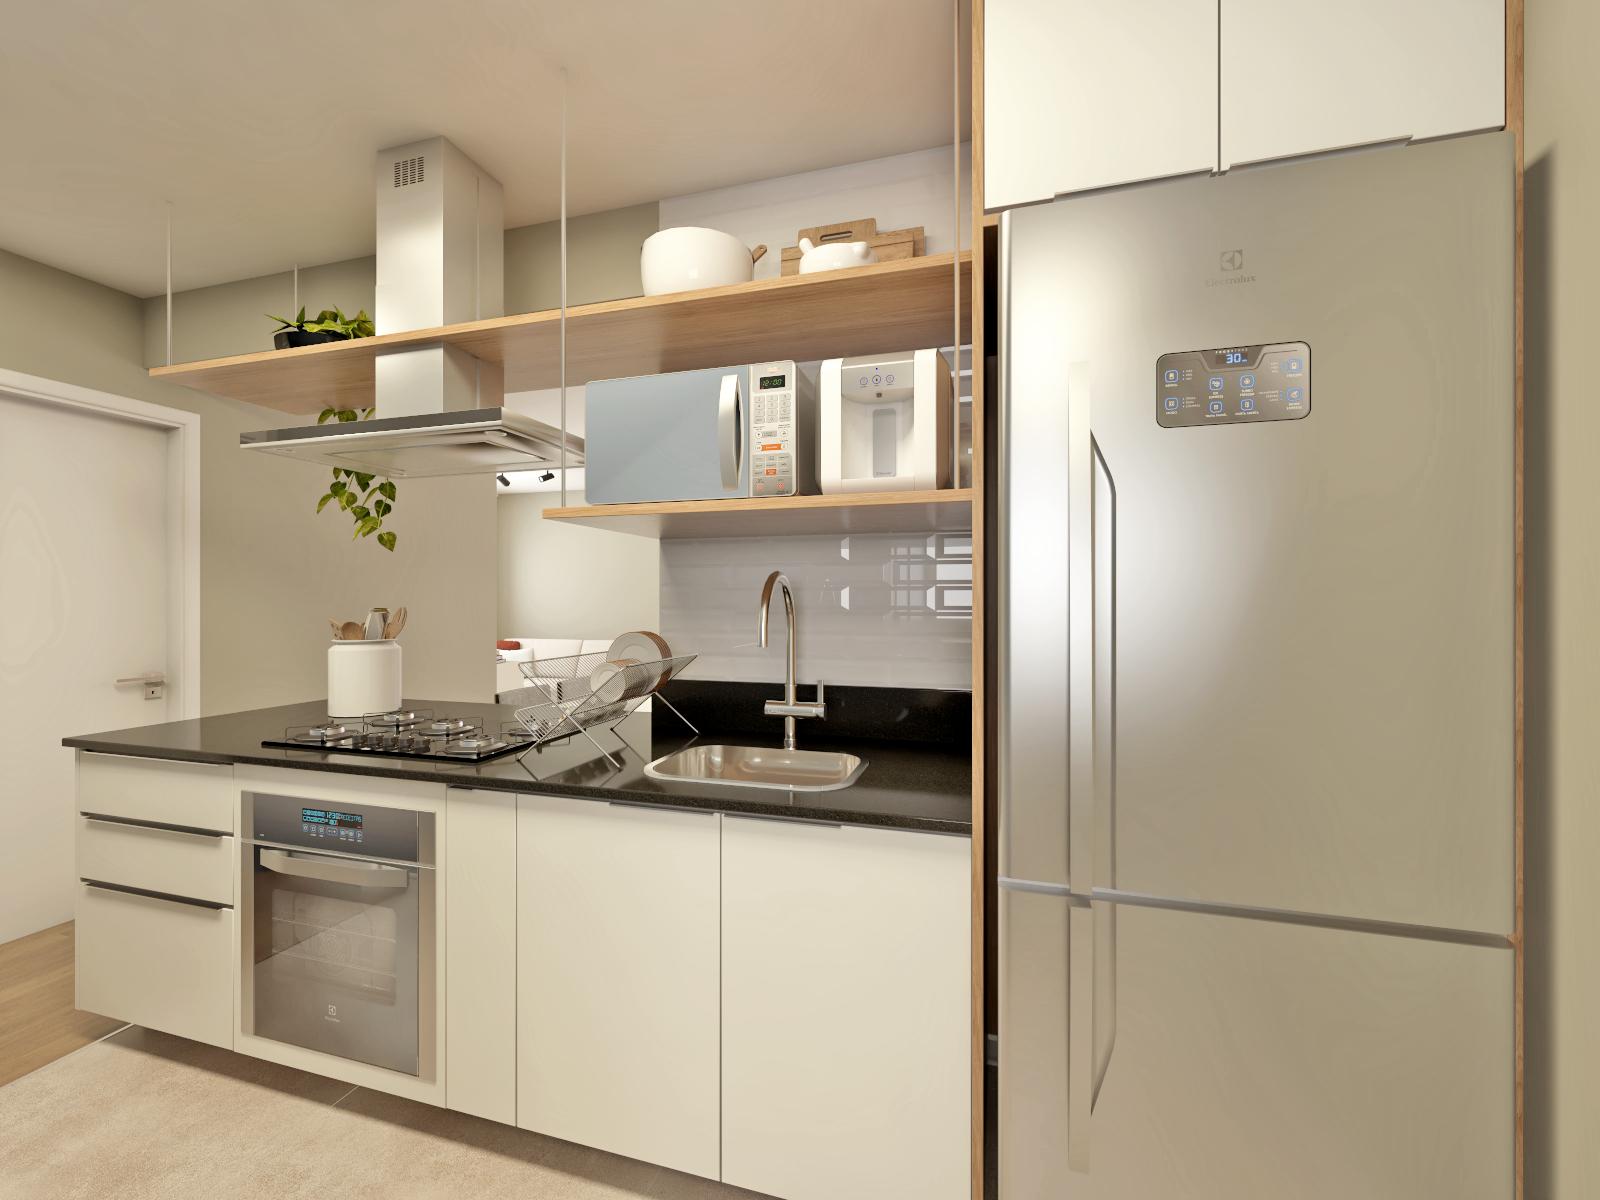 Foto de Cozinha com colher, forno, geladeira, pia, microondas, xícara